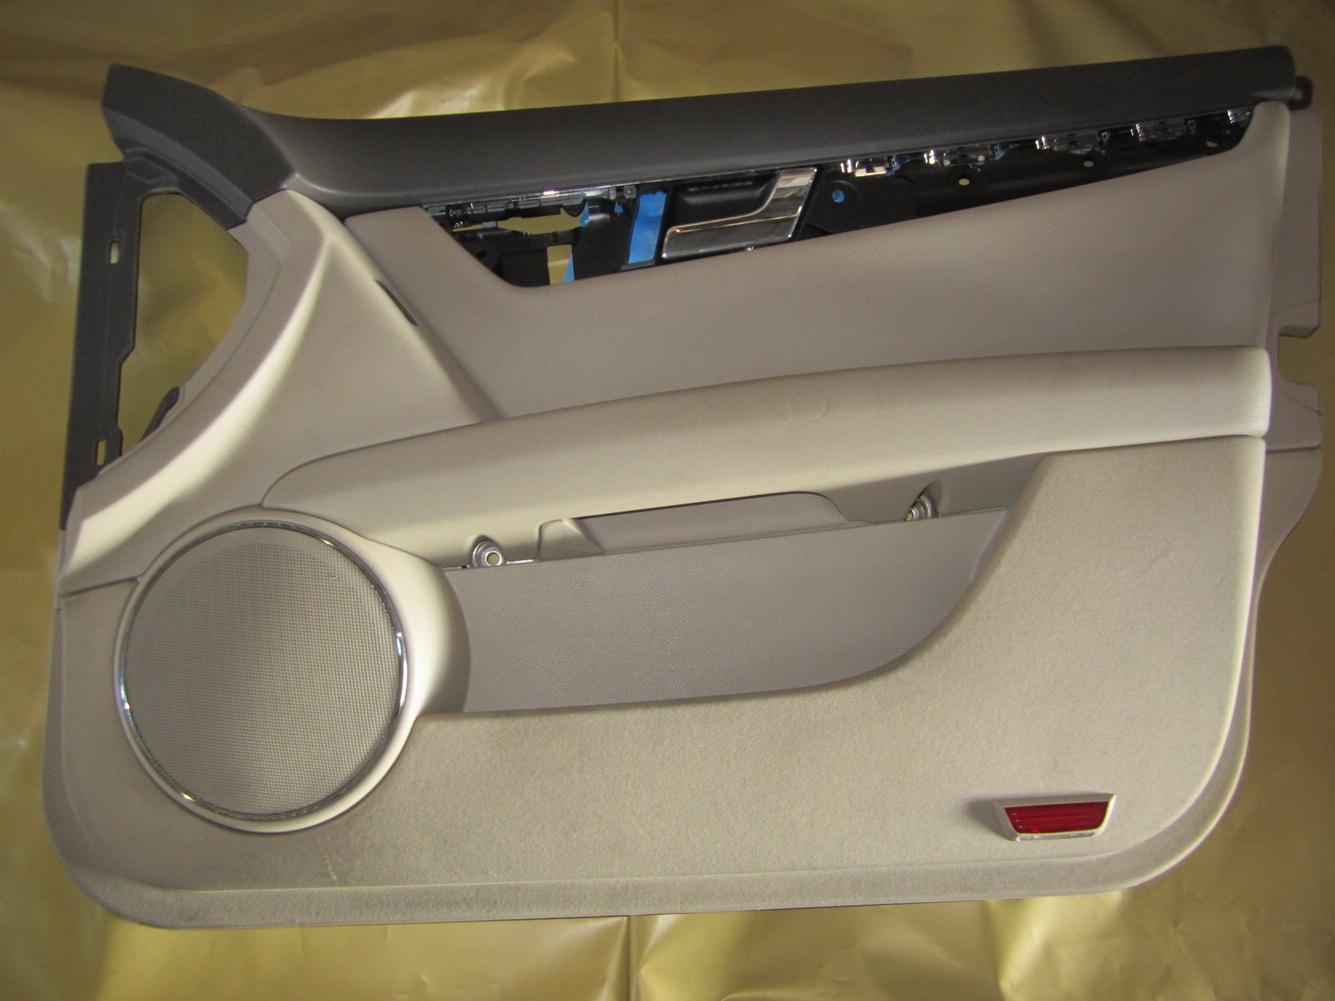 Mercedes Benz C300 C350 Right Side Front Interior Door